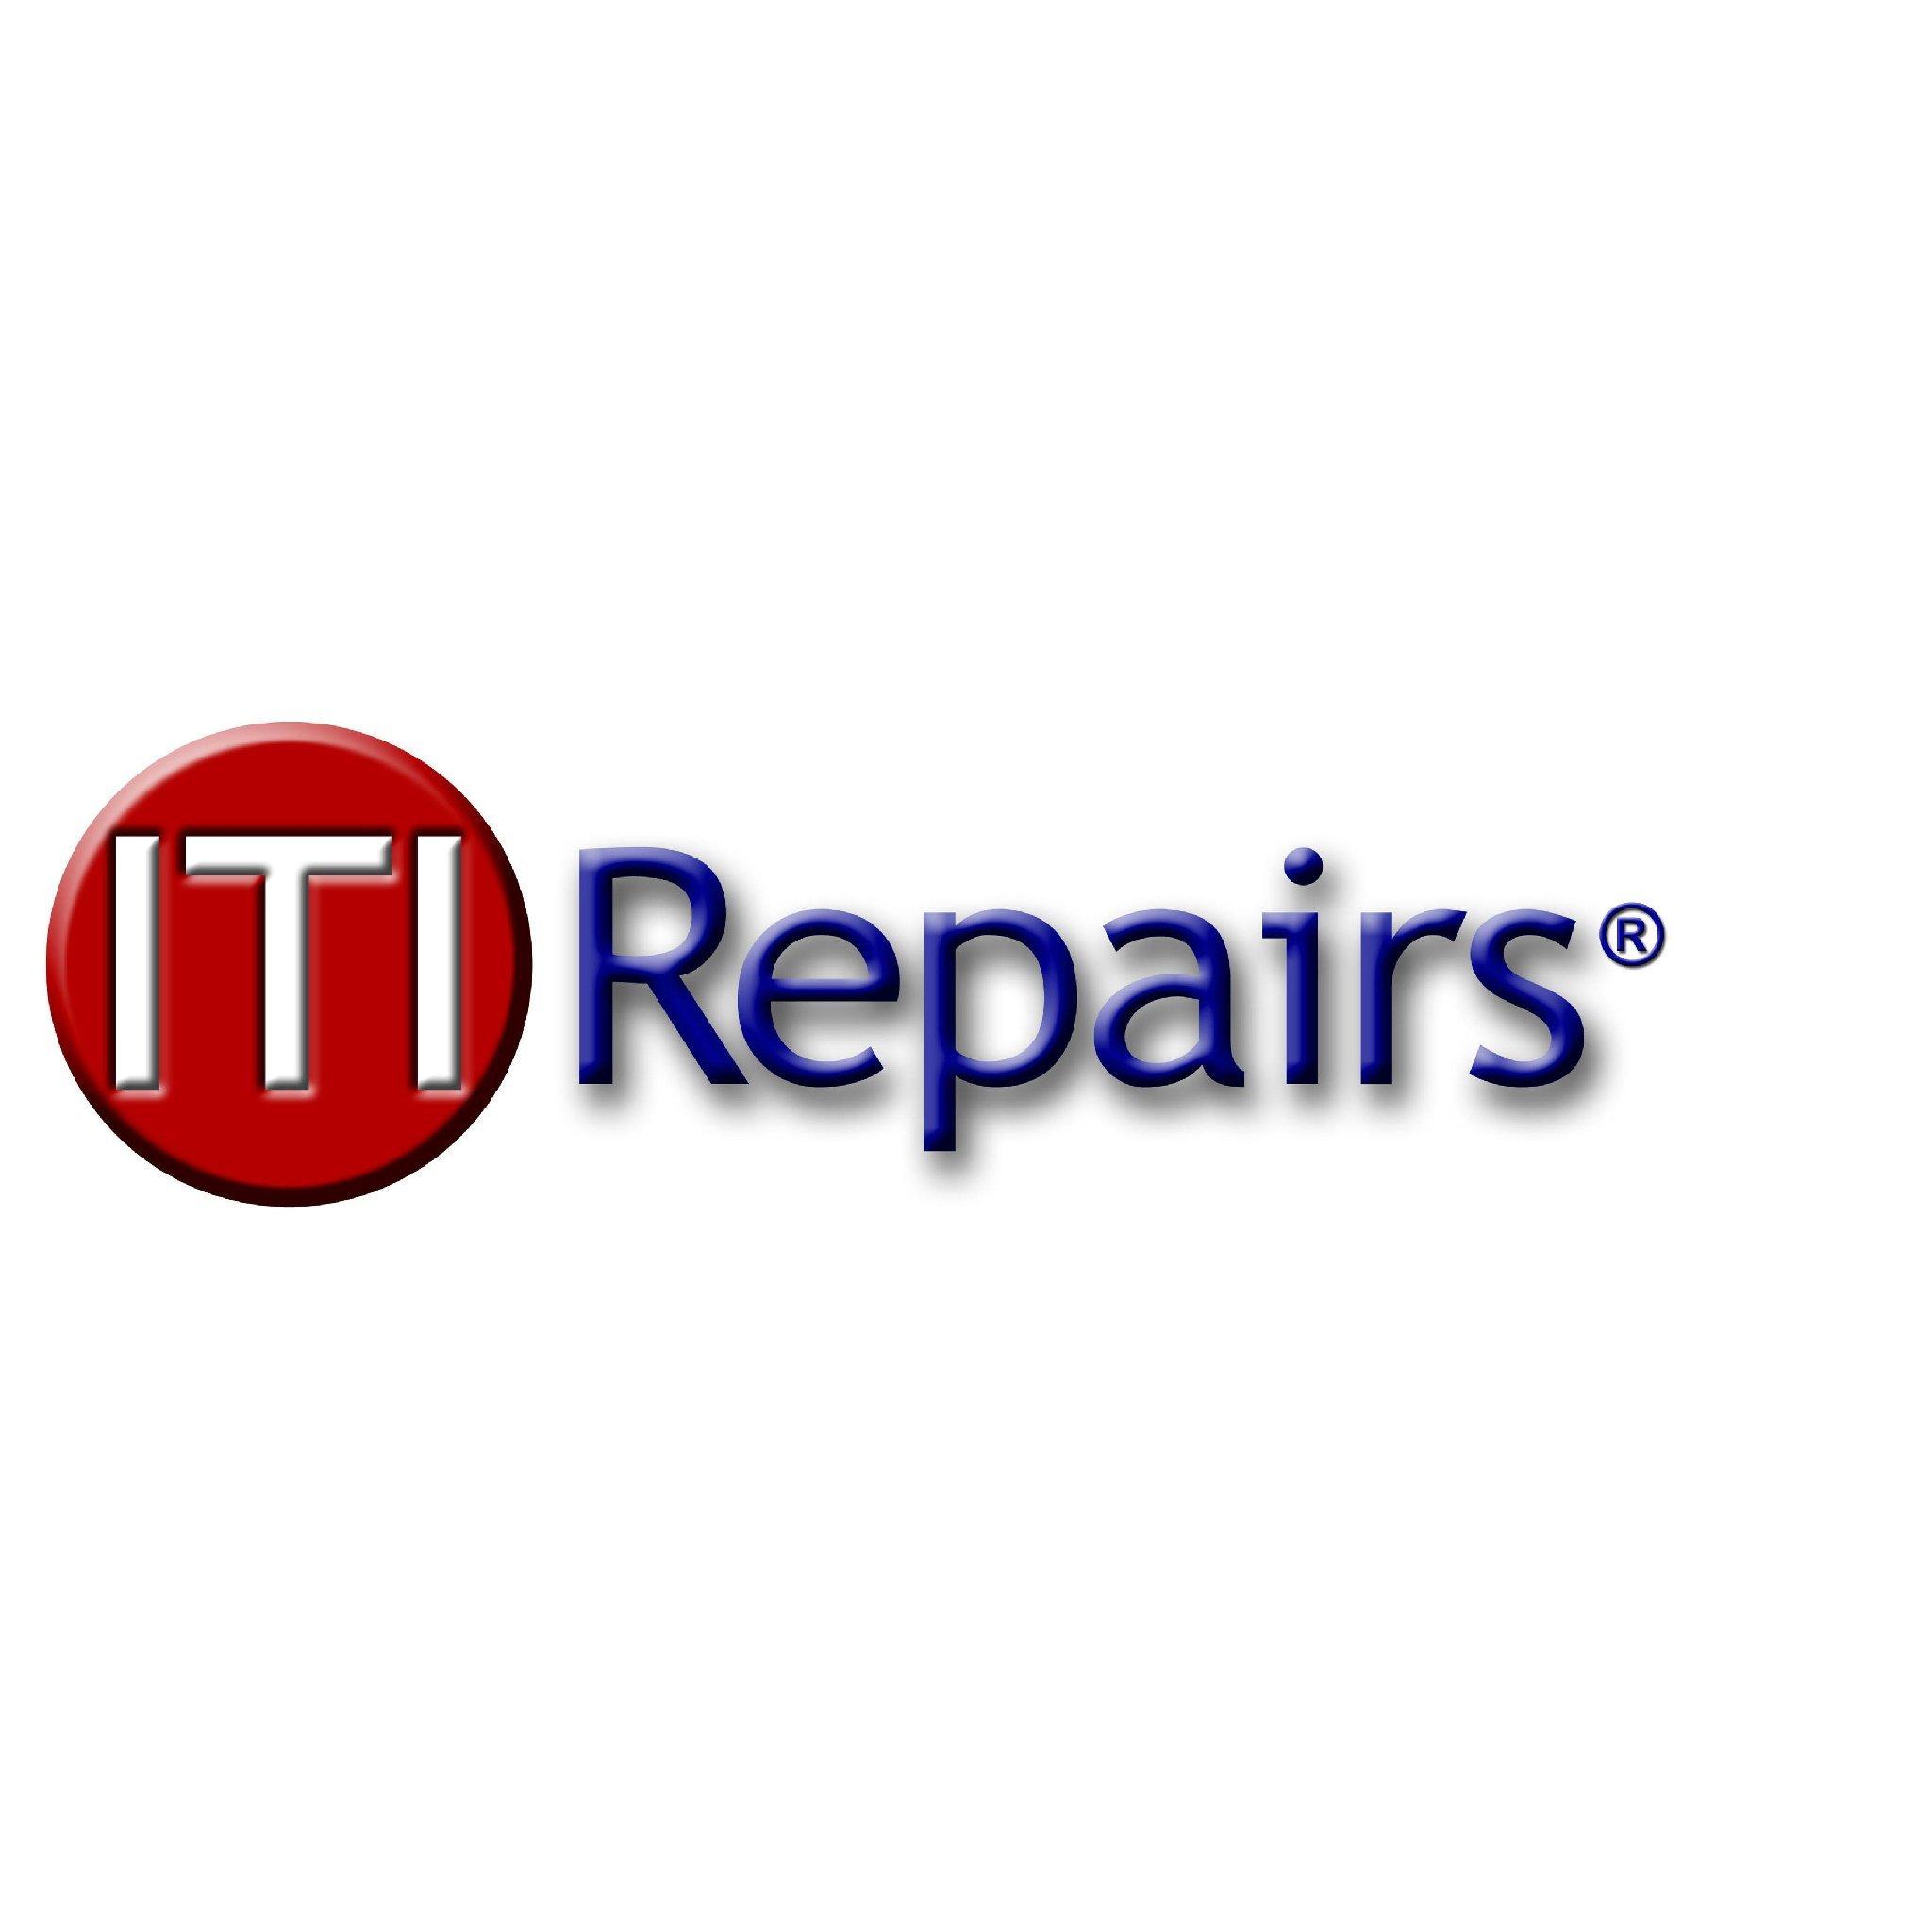 ITI Repairs Ltd